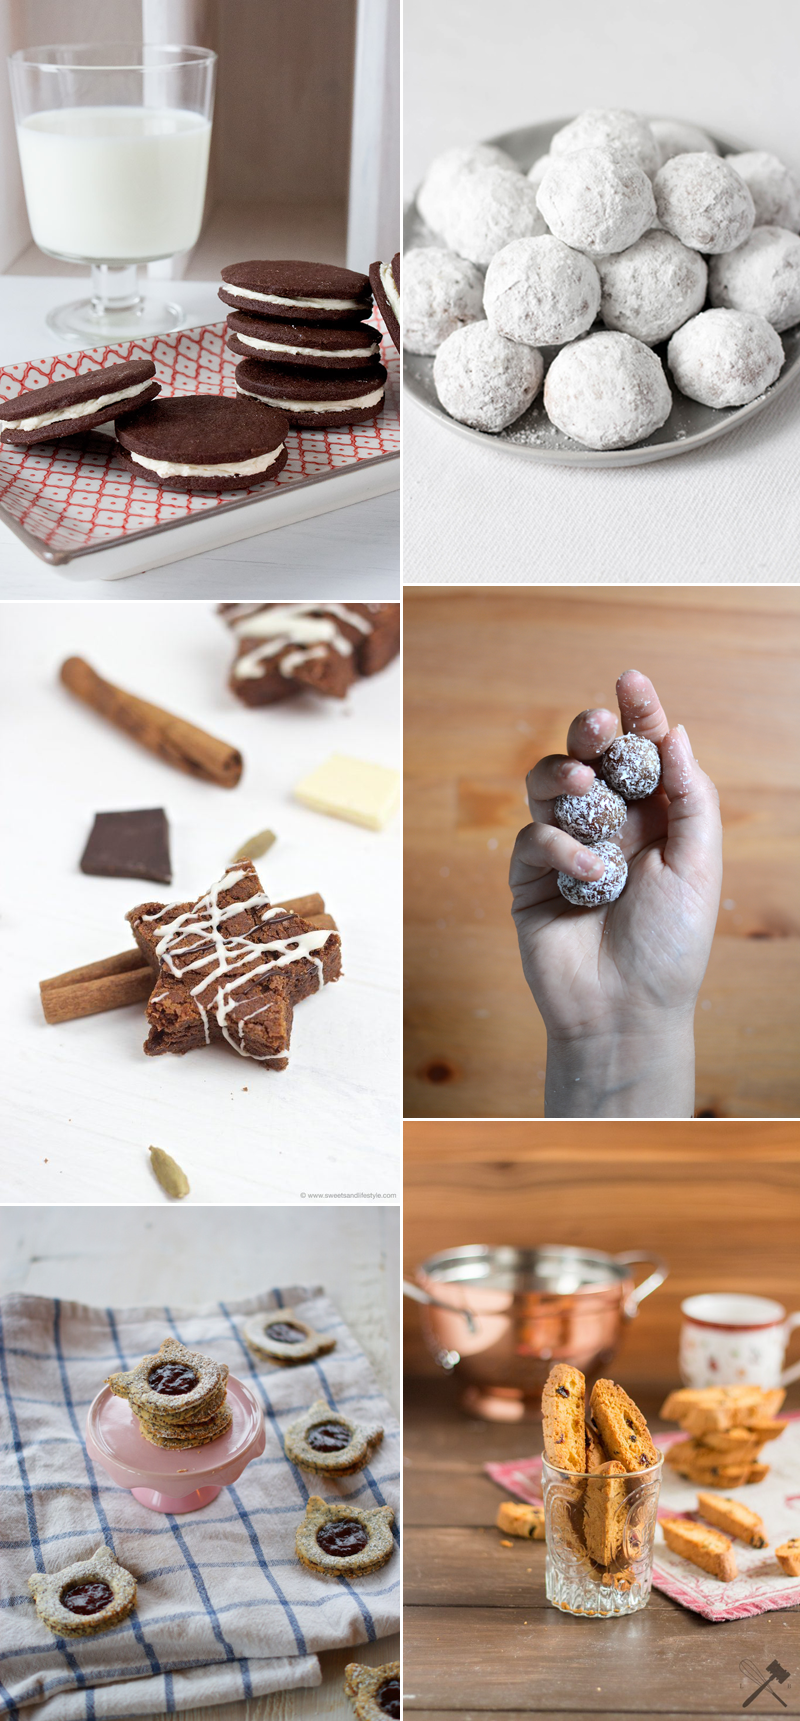 Keksrezepte: Inspiration | we love handmade